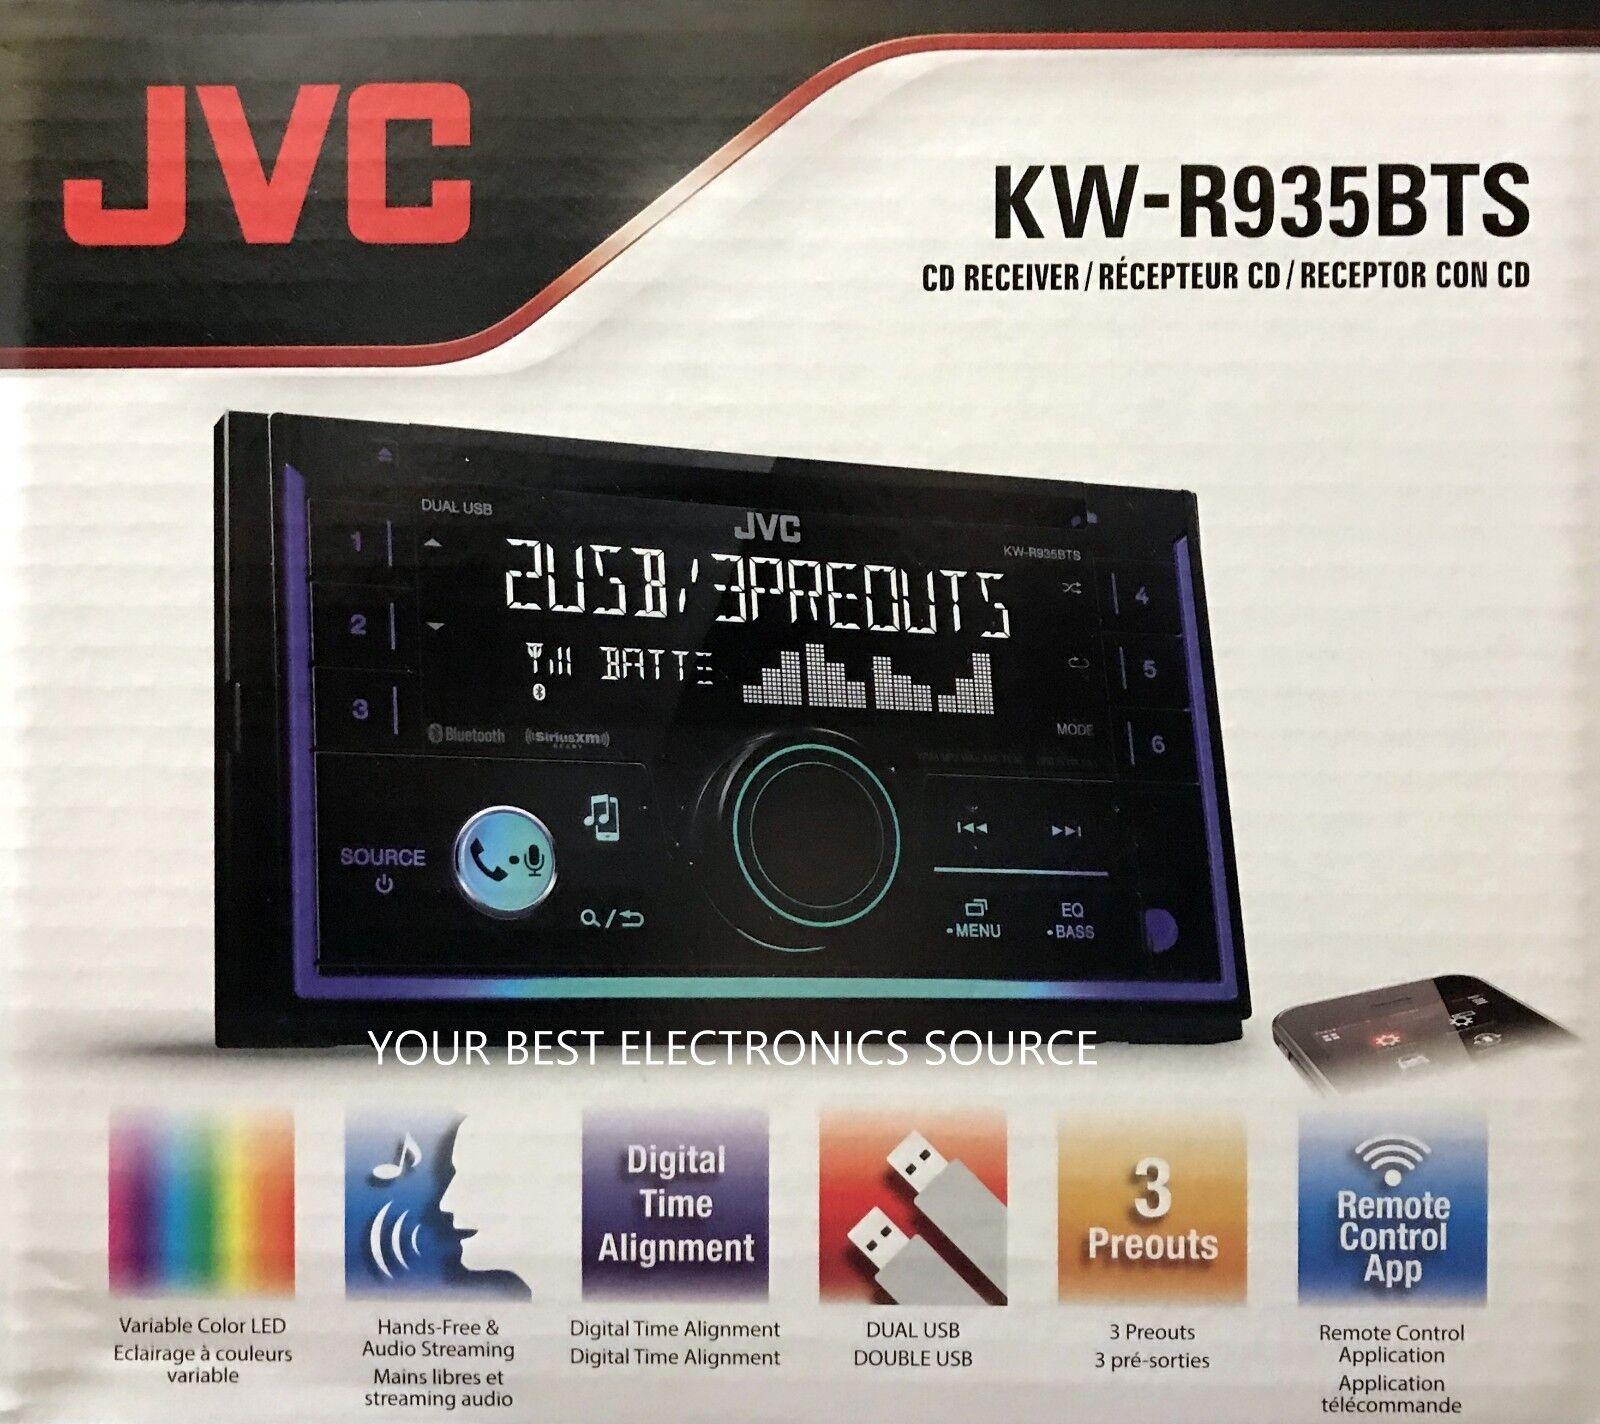 NEW JVC KW-R935BTS Double DIN Bluetooth In-Dash CD/AM/FM Car